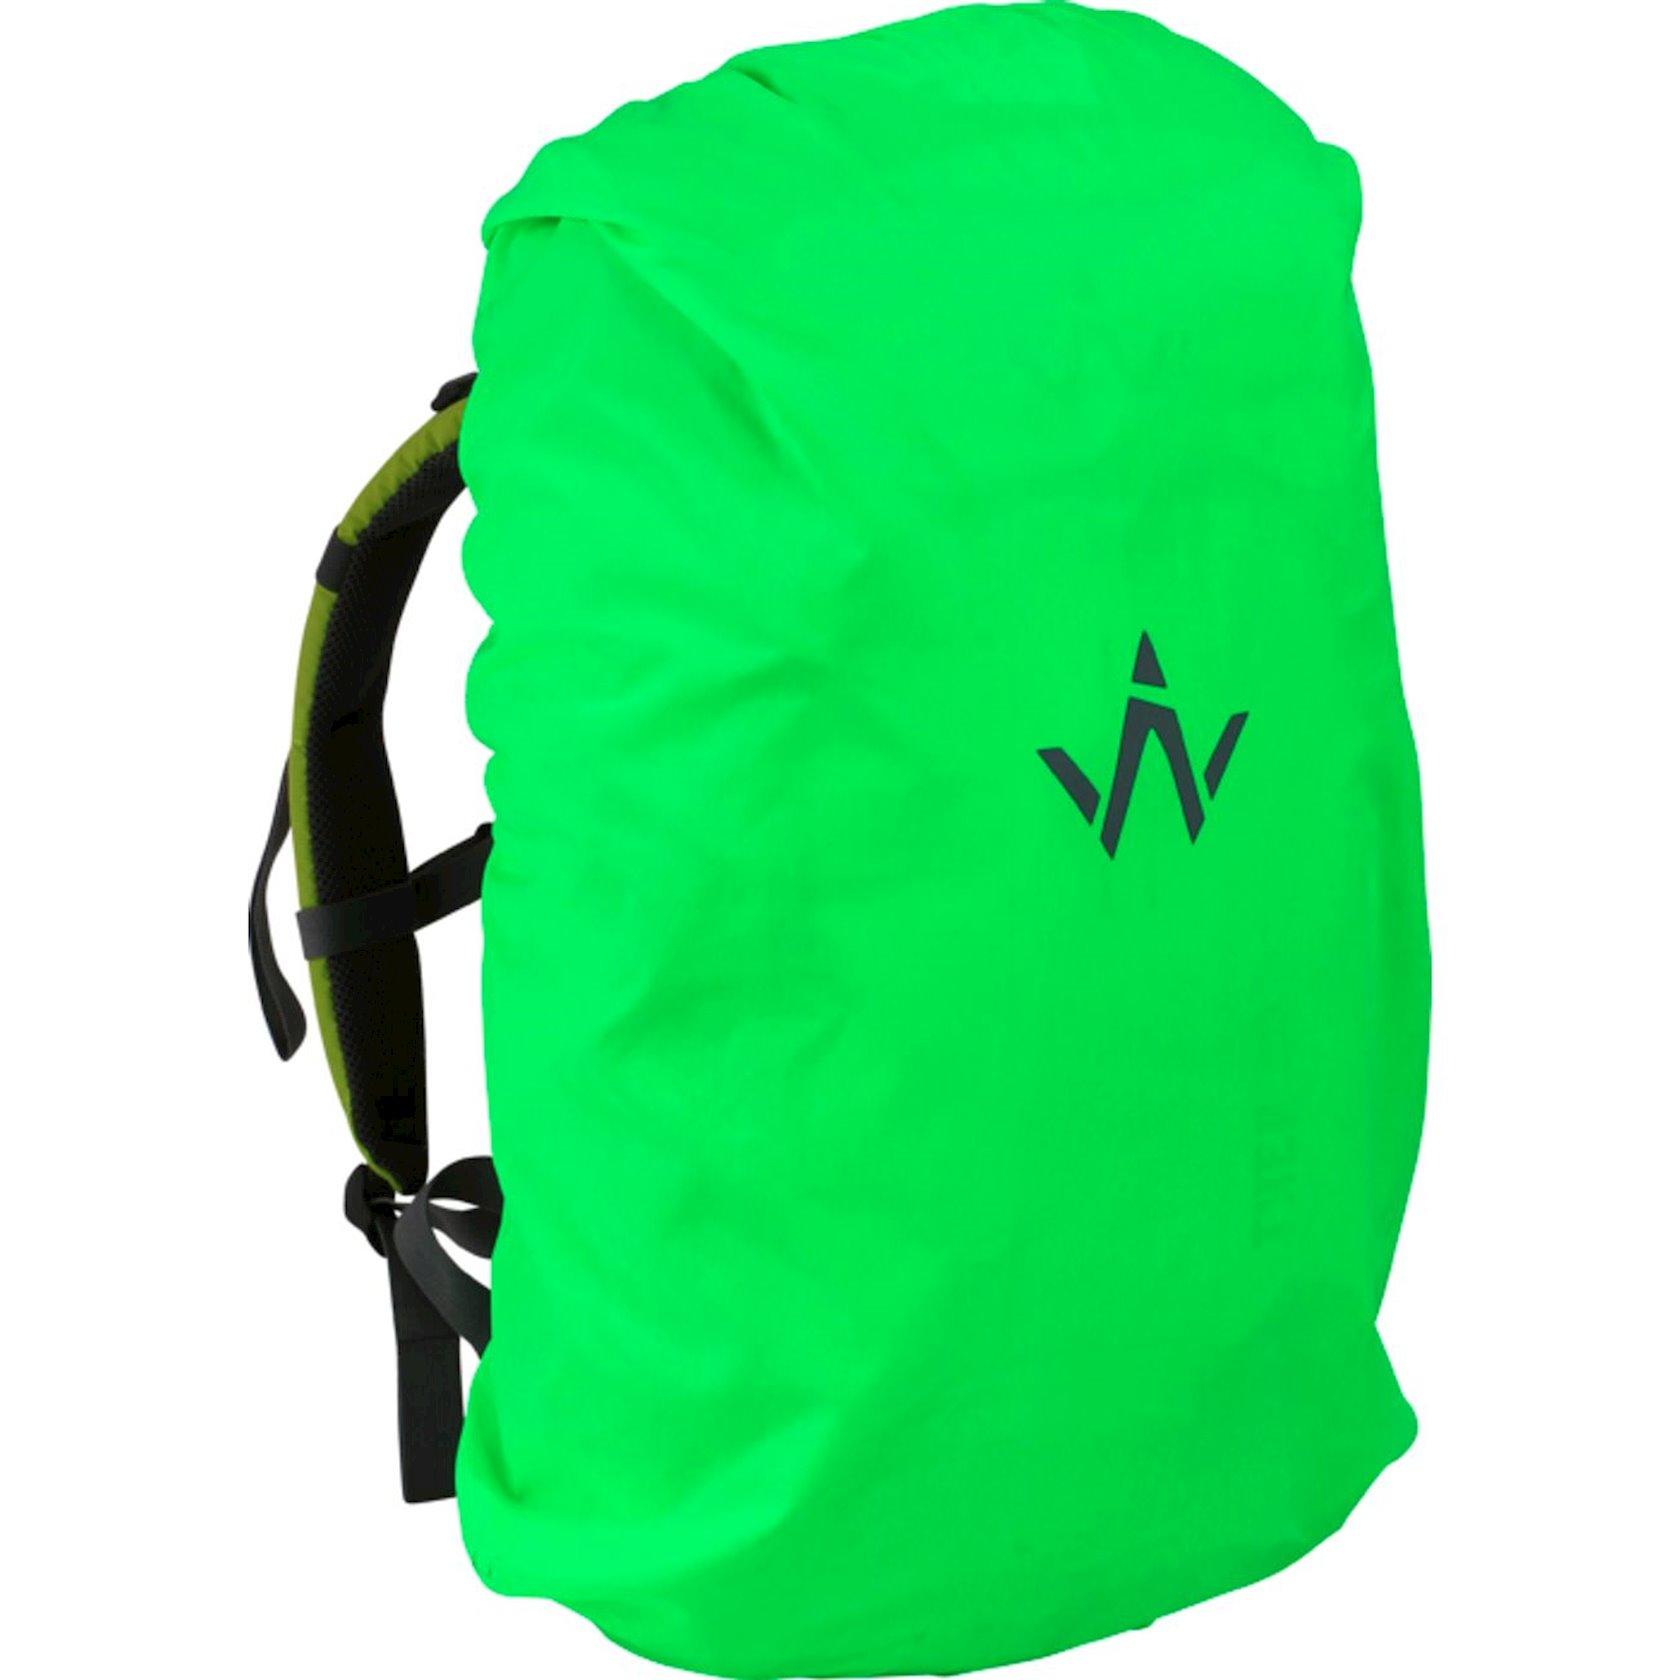 Sırt çantası üçün çexol Wanabee, sukeçirməyən, Ölçü S 30-50 litr həcmində olan sırt çantaları üçün